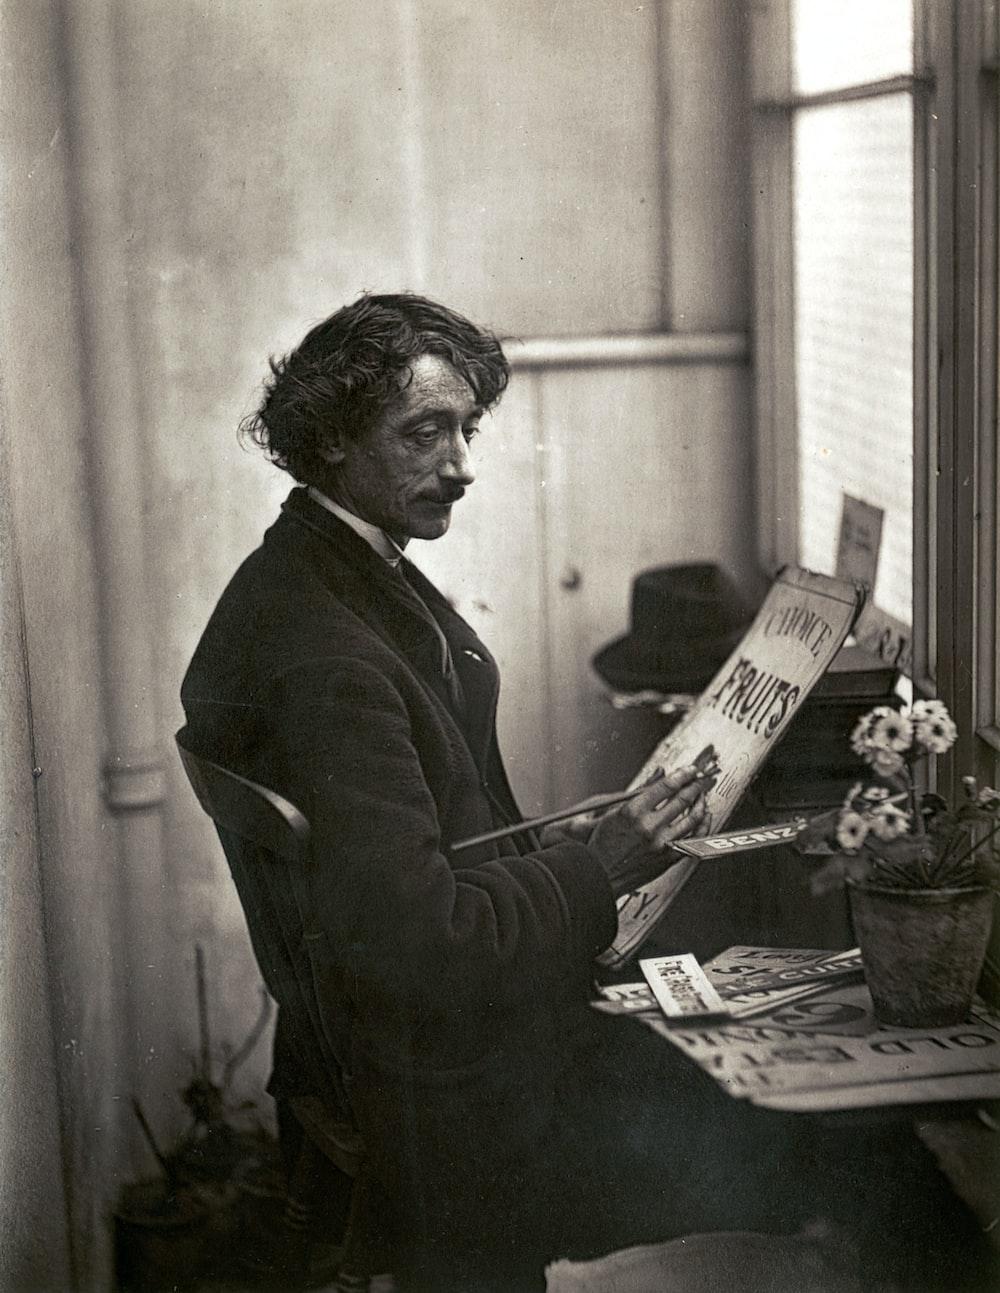 man in black suit jacket reading newspaper